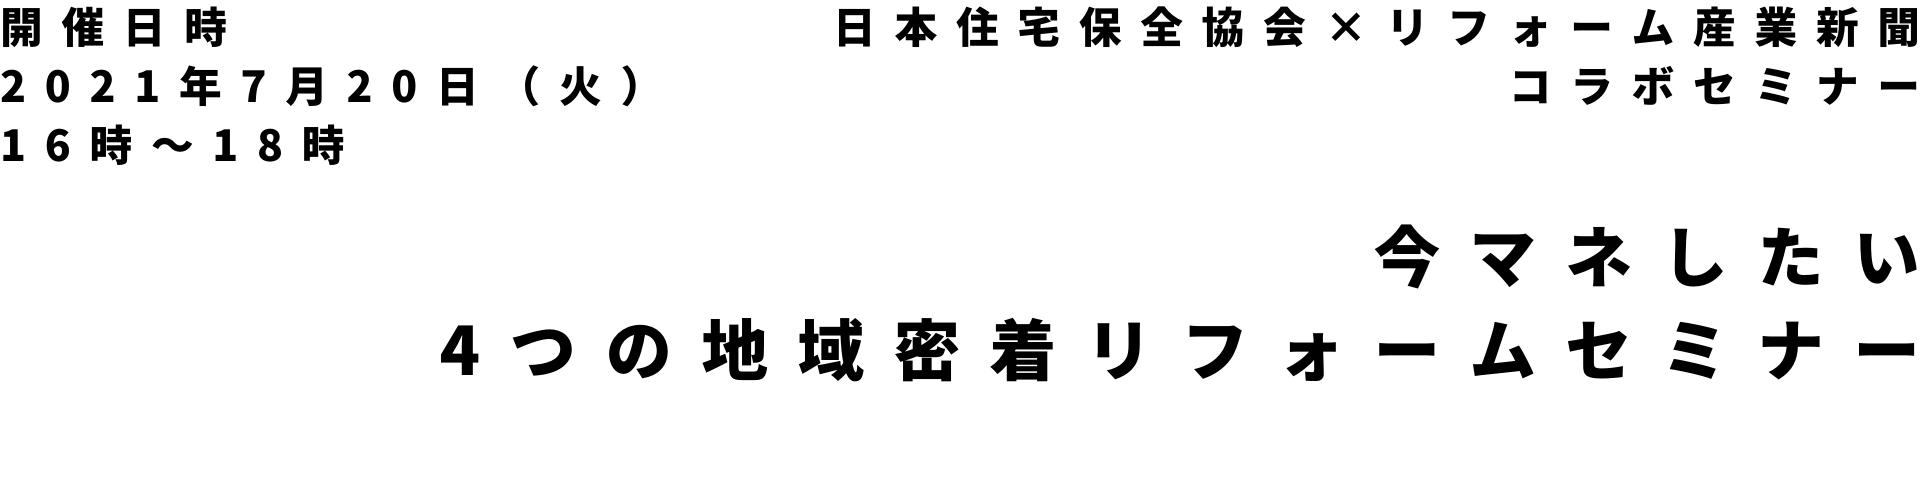 【日本住宅保全協会×リフォーム産業新聞 コラボセミナー】7月20日(火)16時~18時